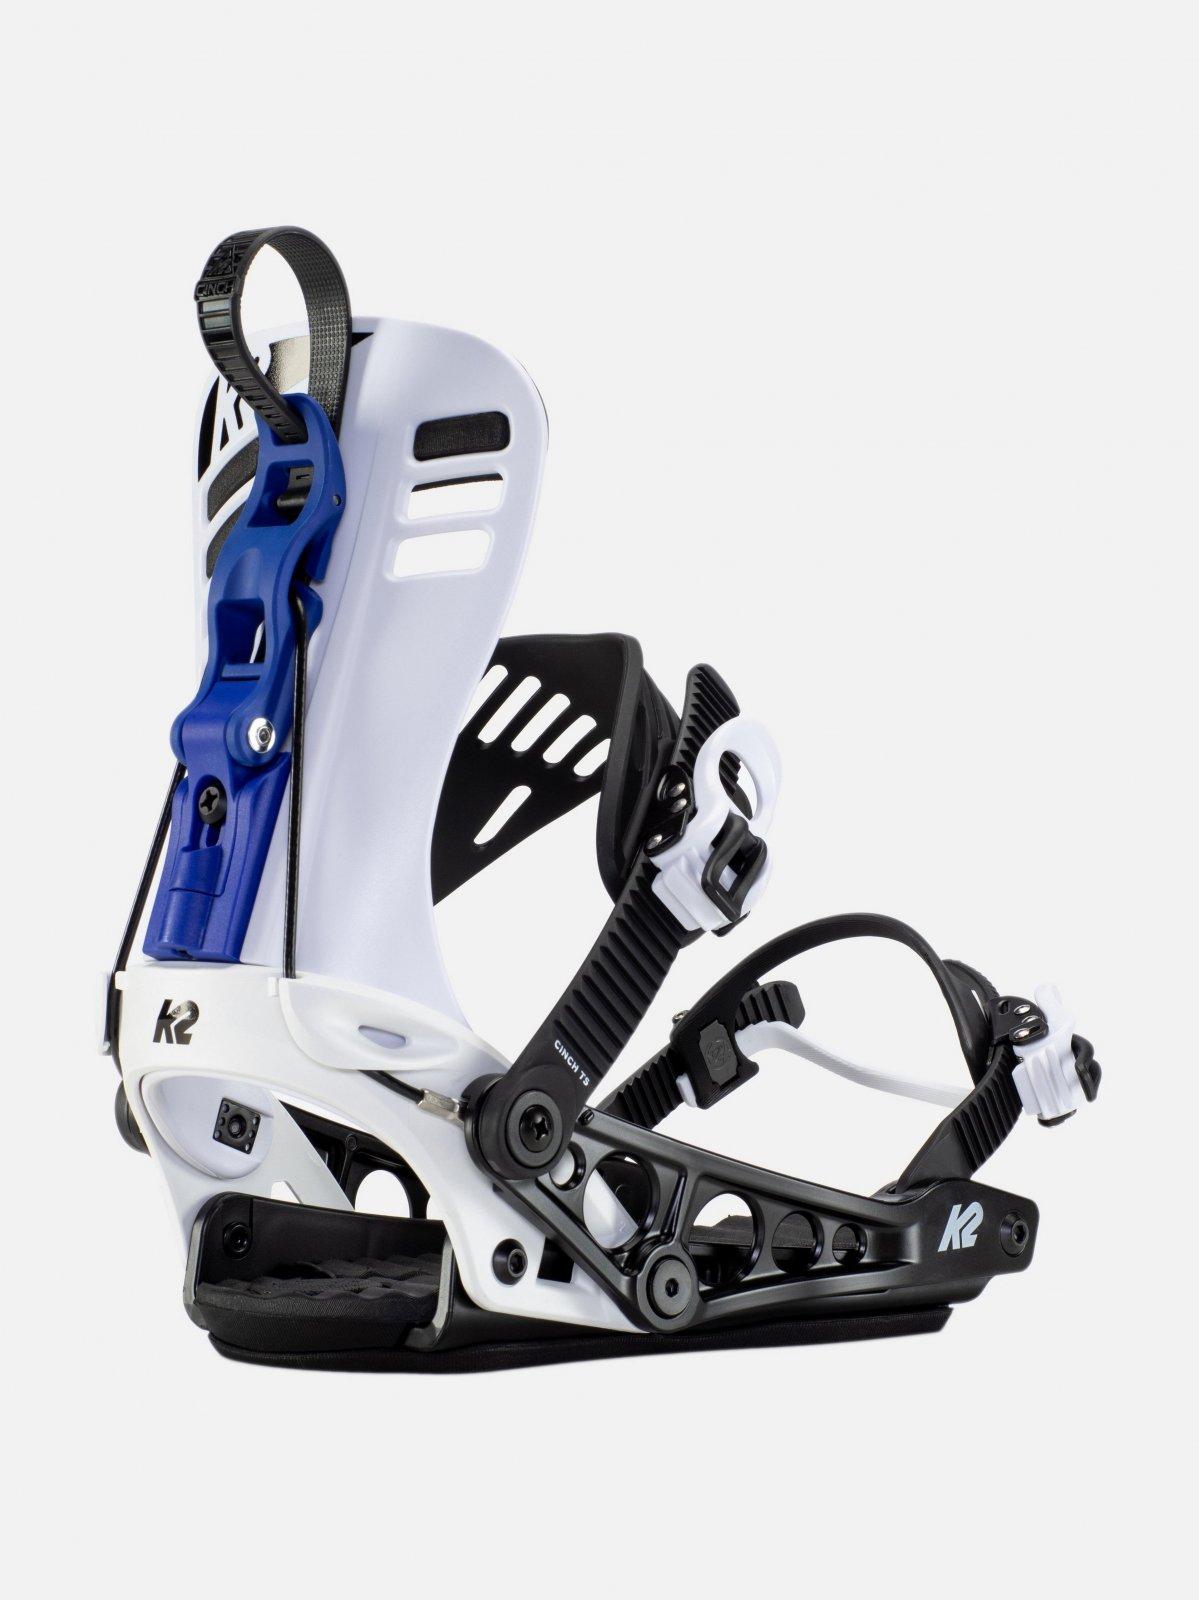 2021 K2 Cinch TS Men's Snowboard Bindings